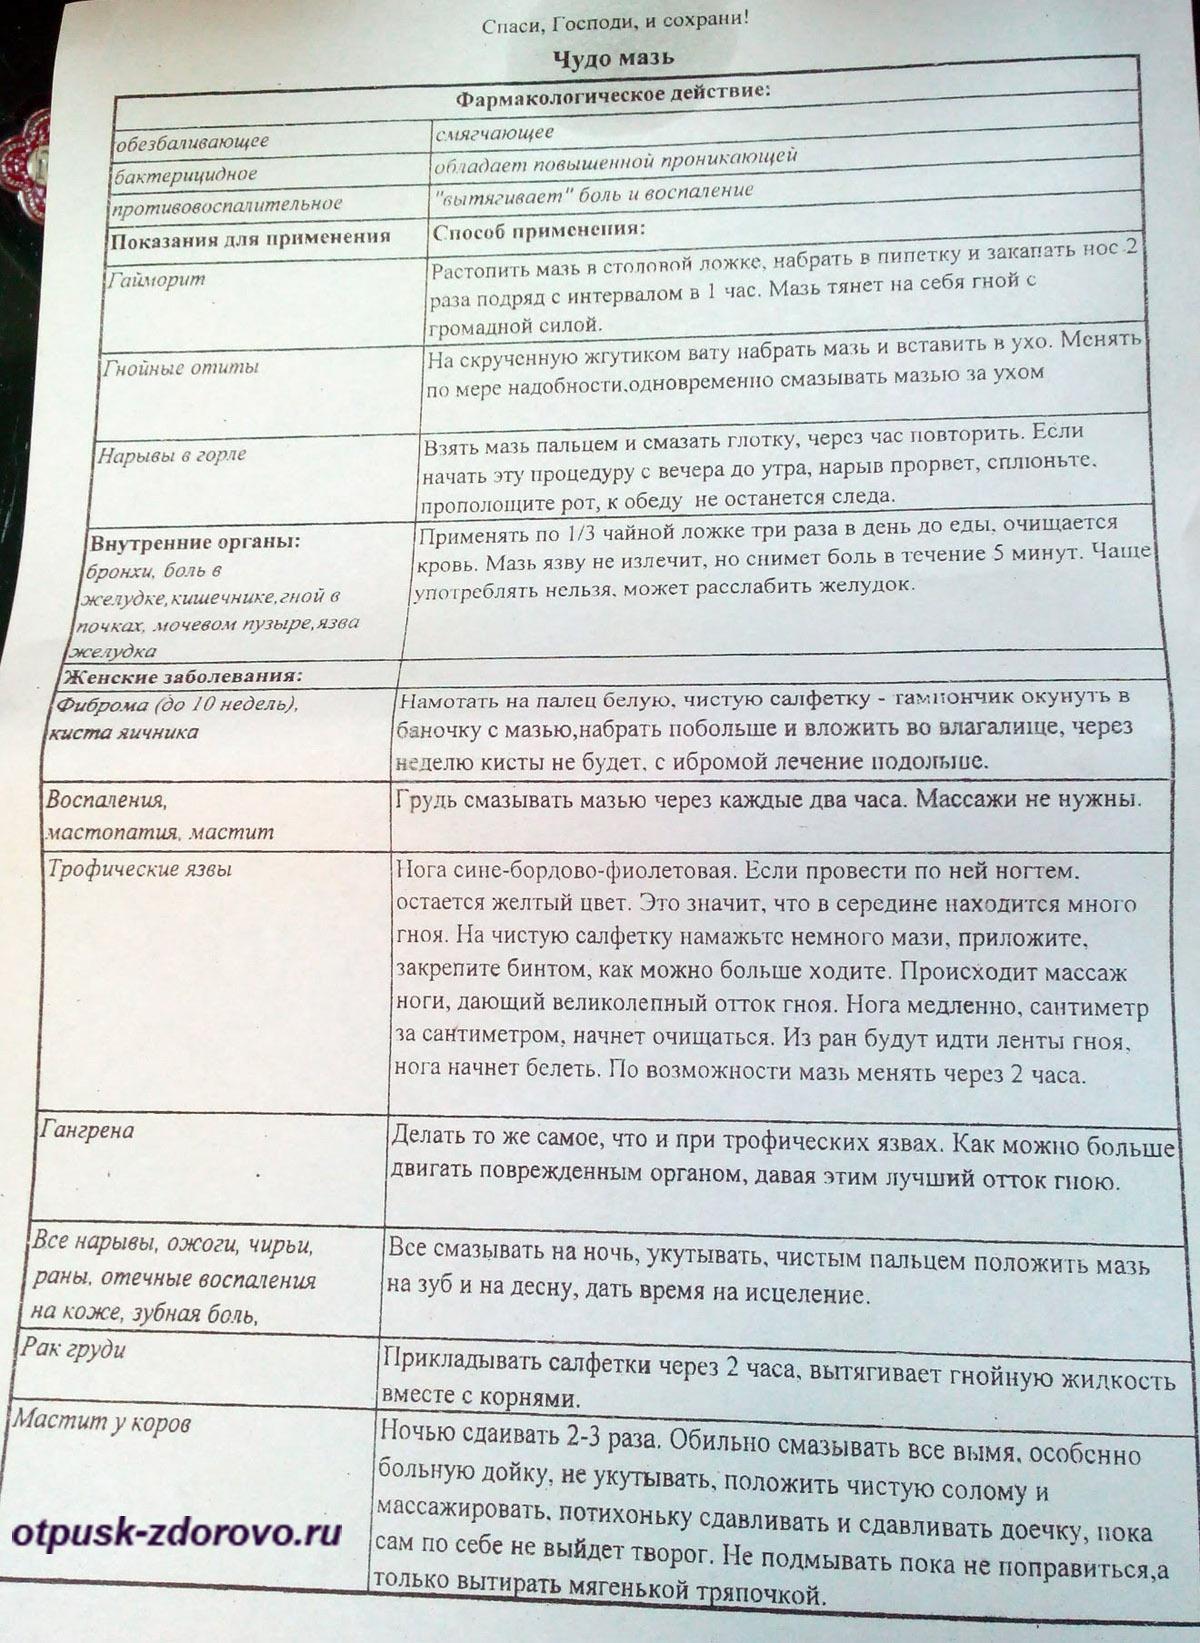 Список болезней, от которых исцеляет чудо-мазь. Введенский Владычный женский монастырь, Серпухов